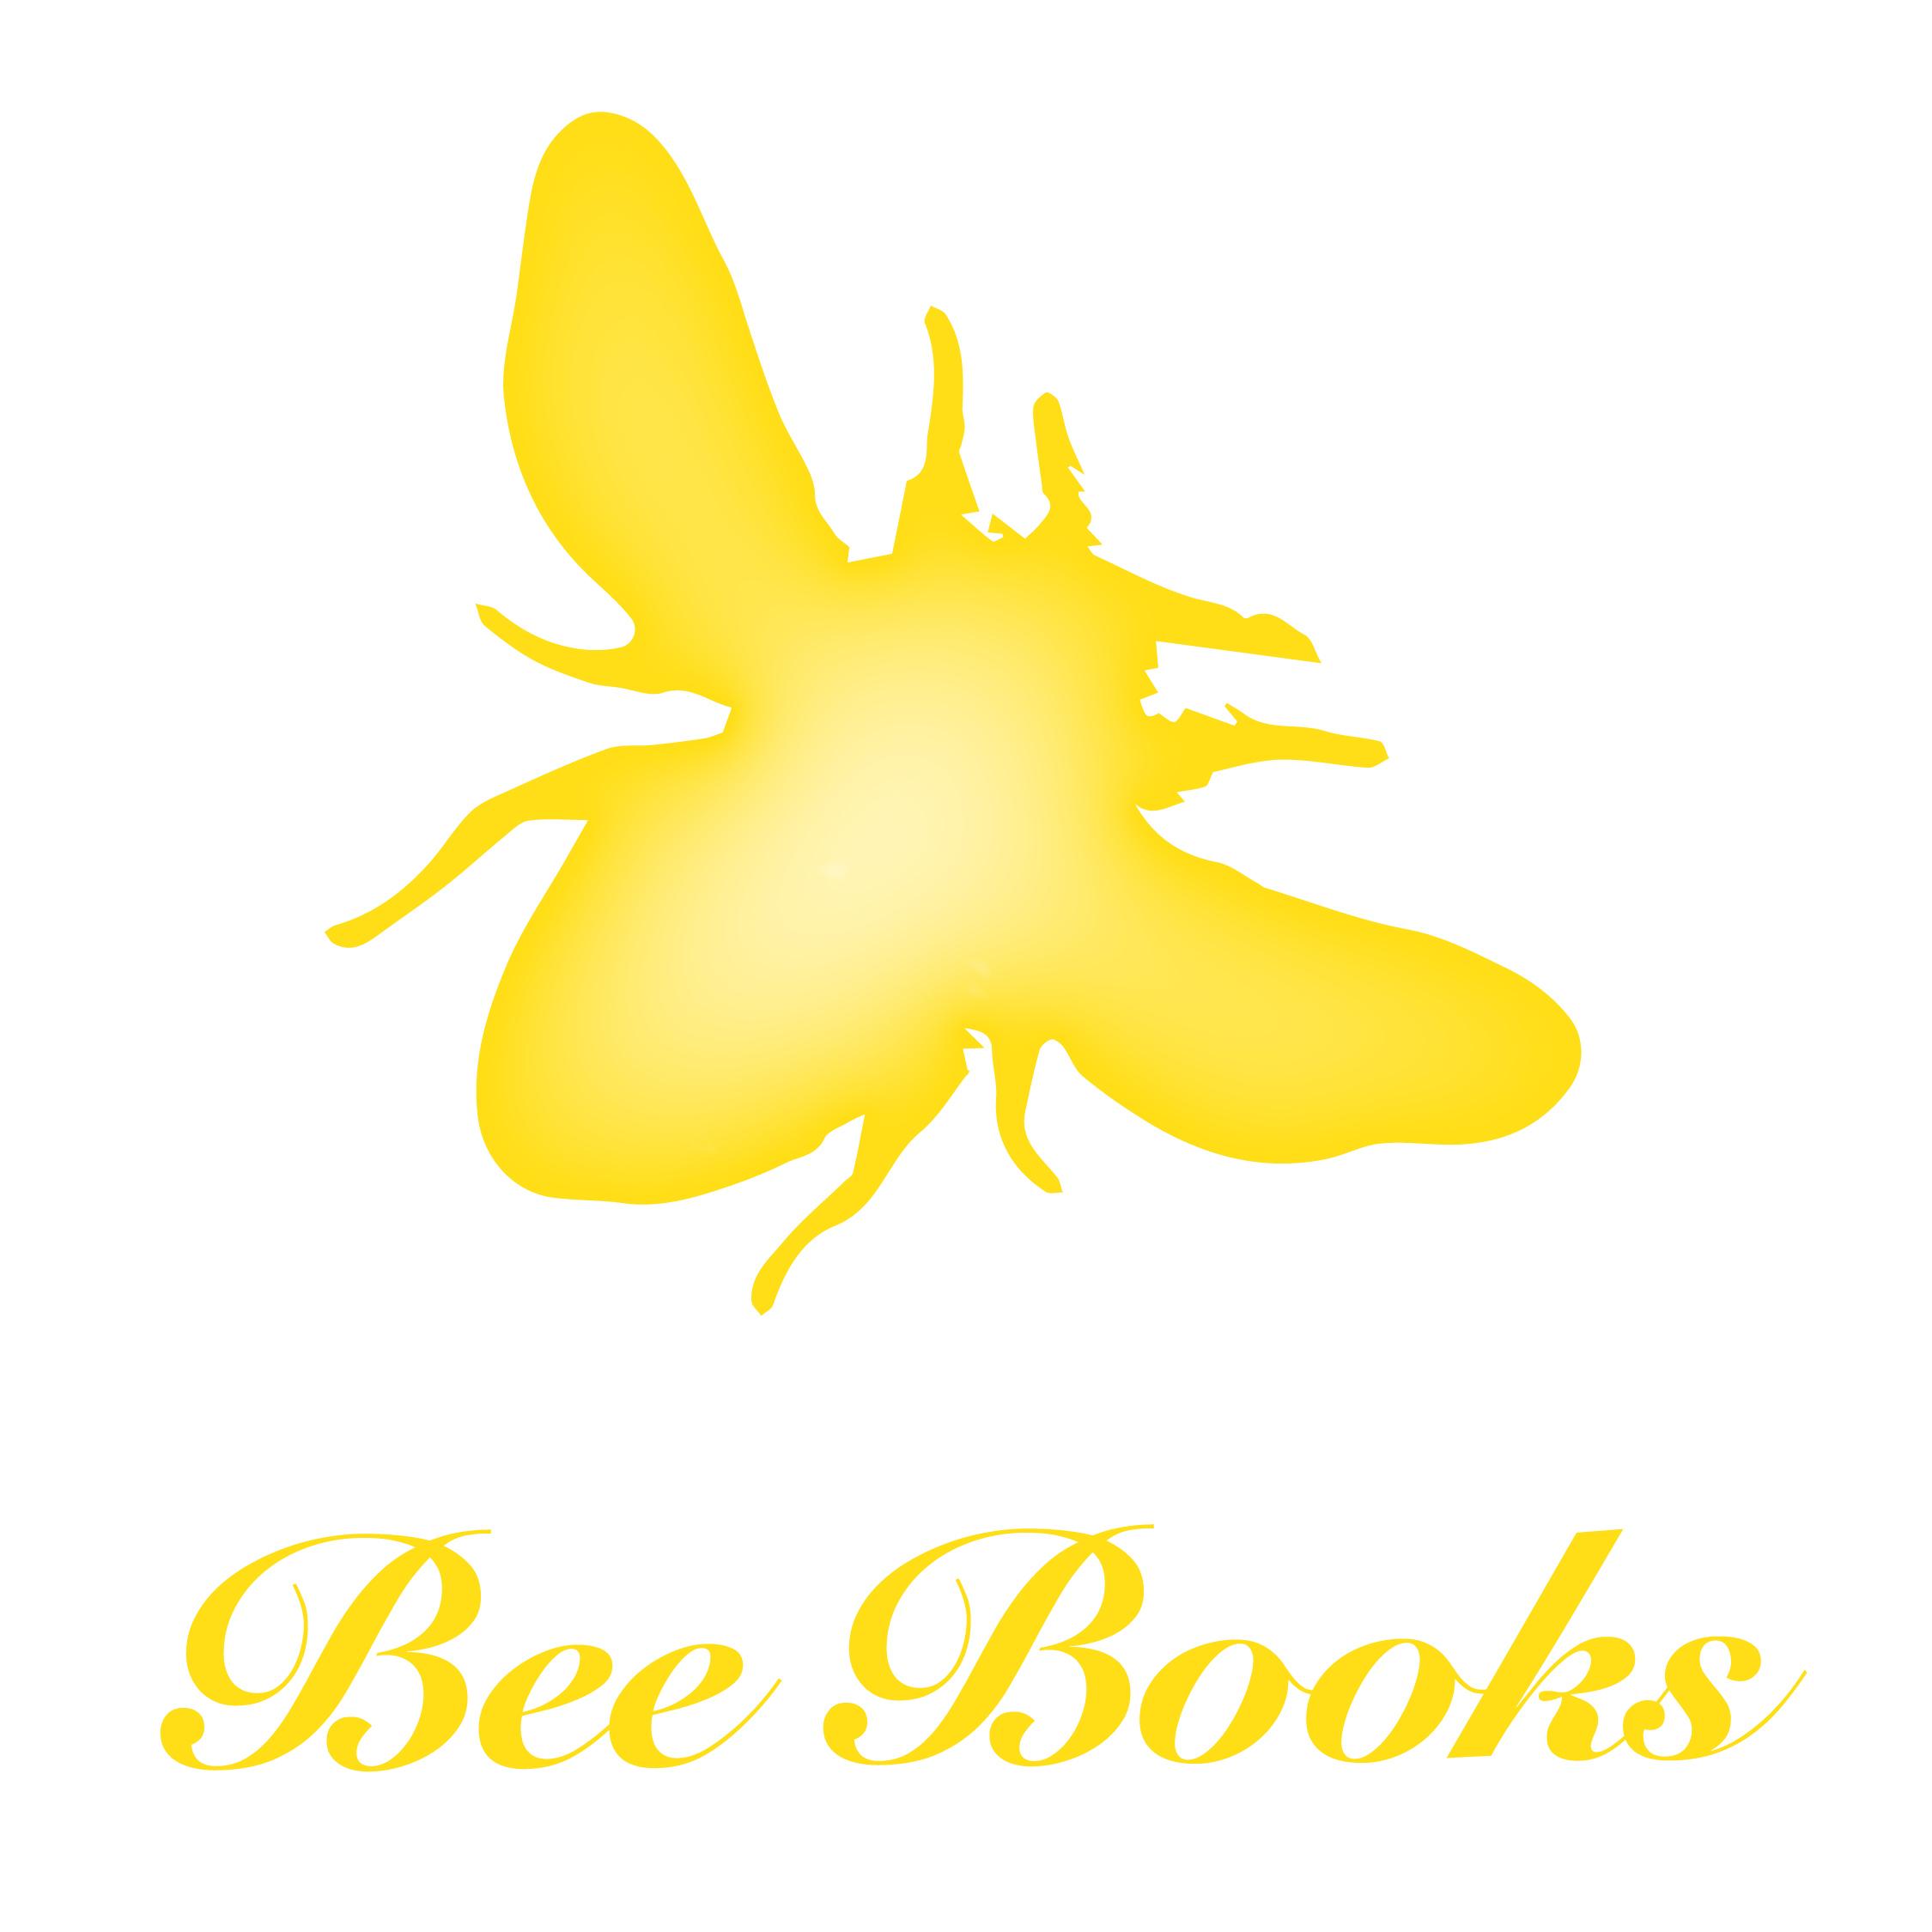 BeeBooks.org